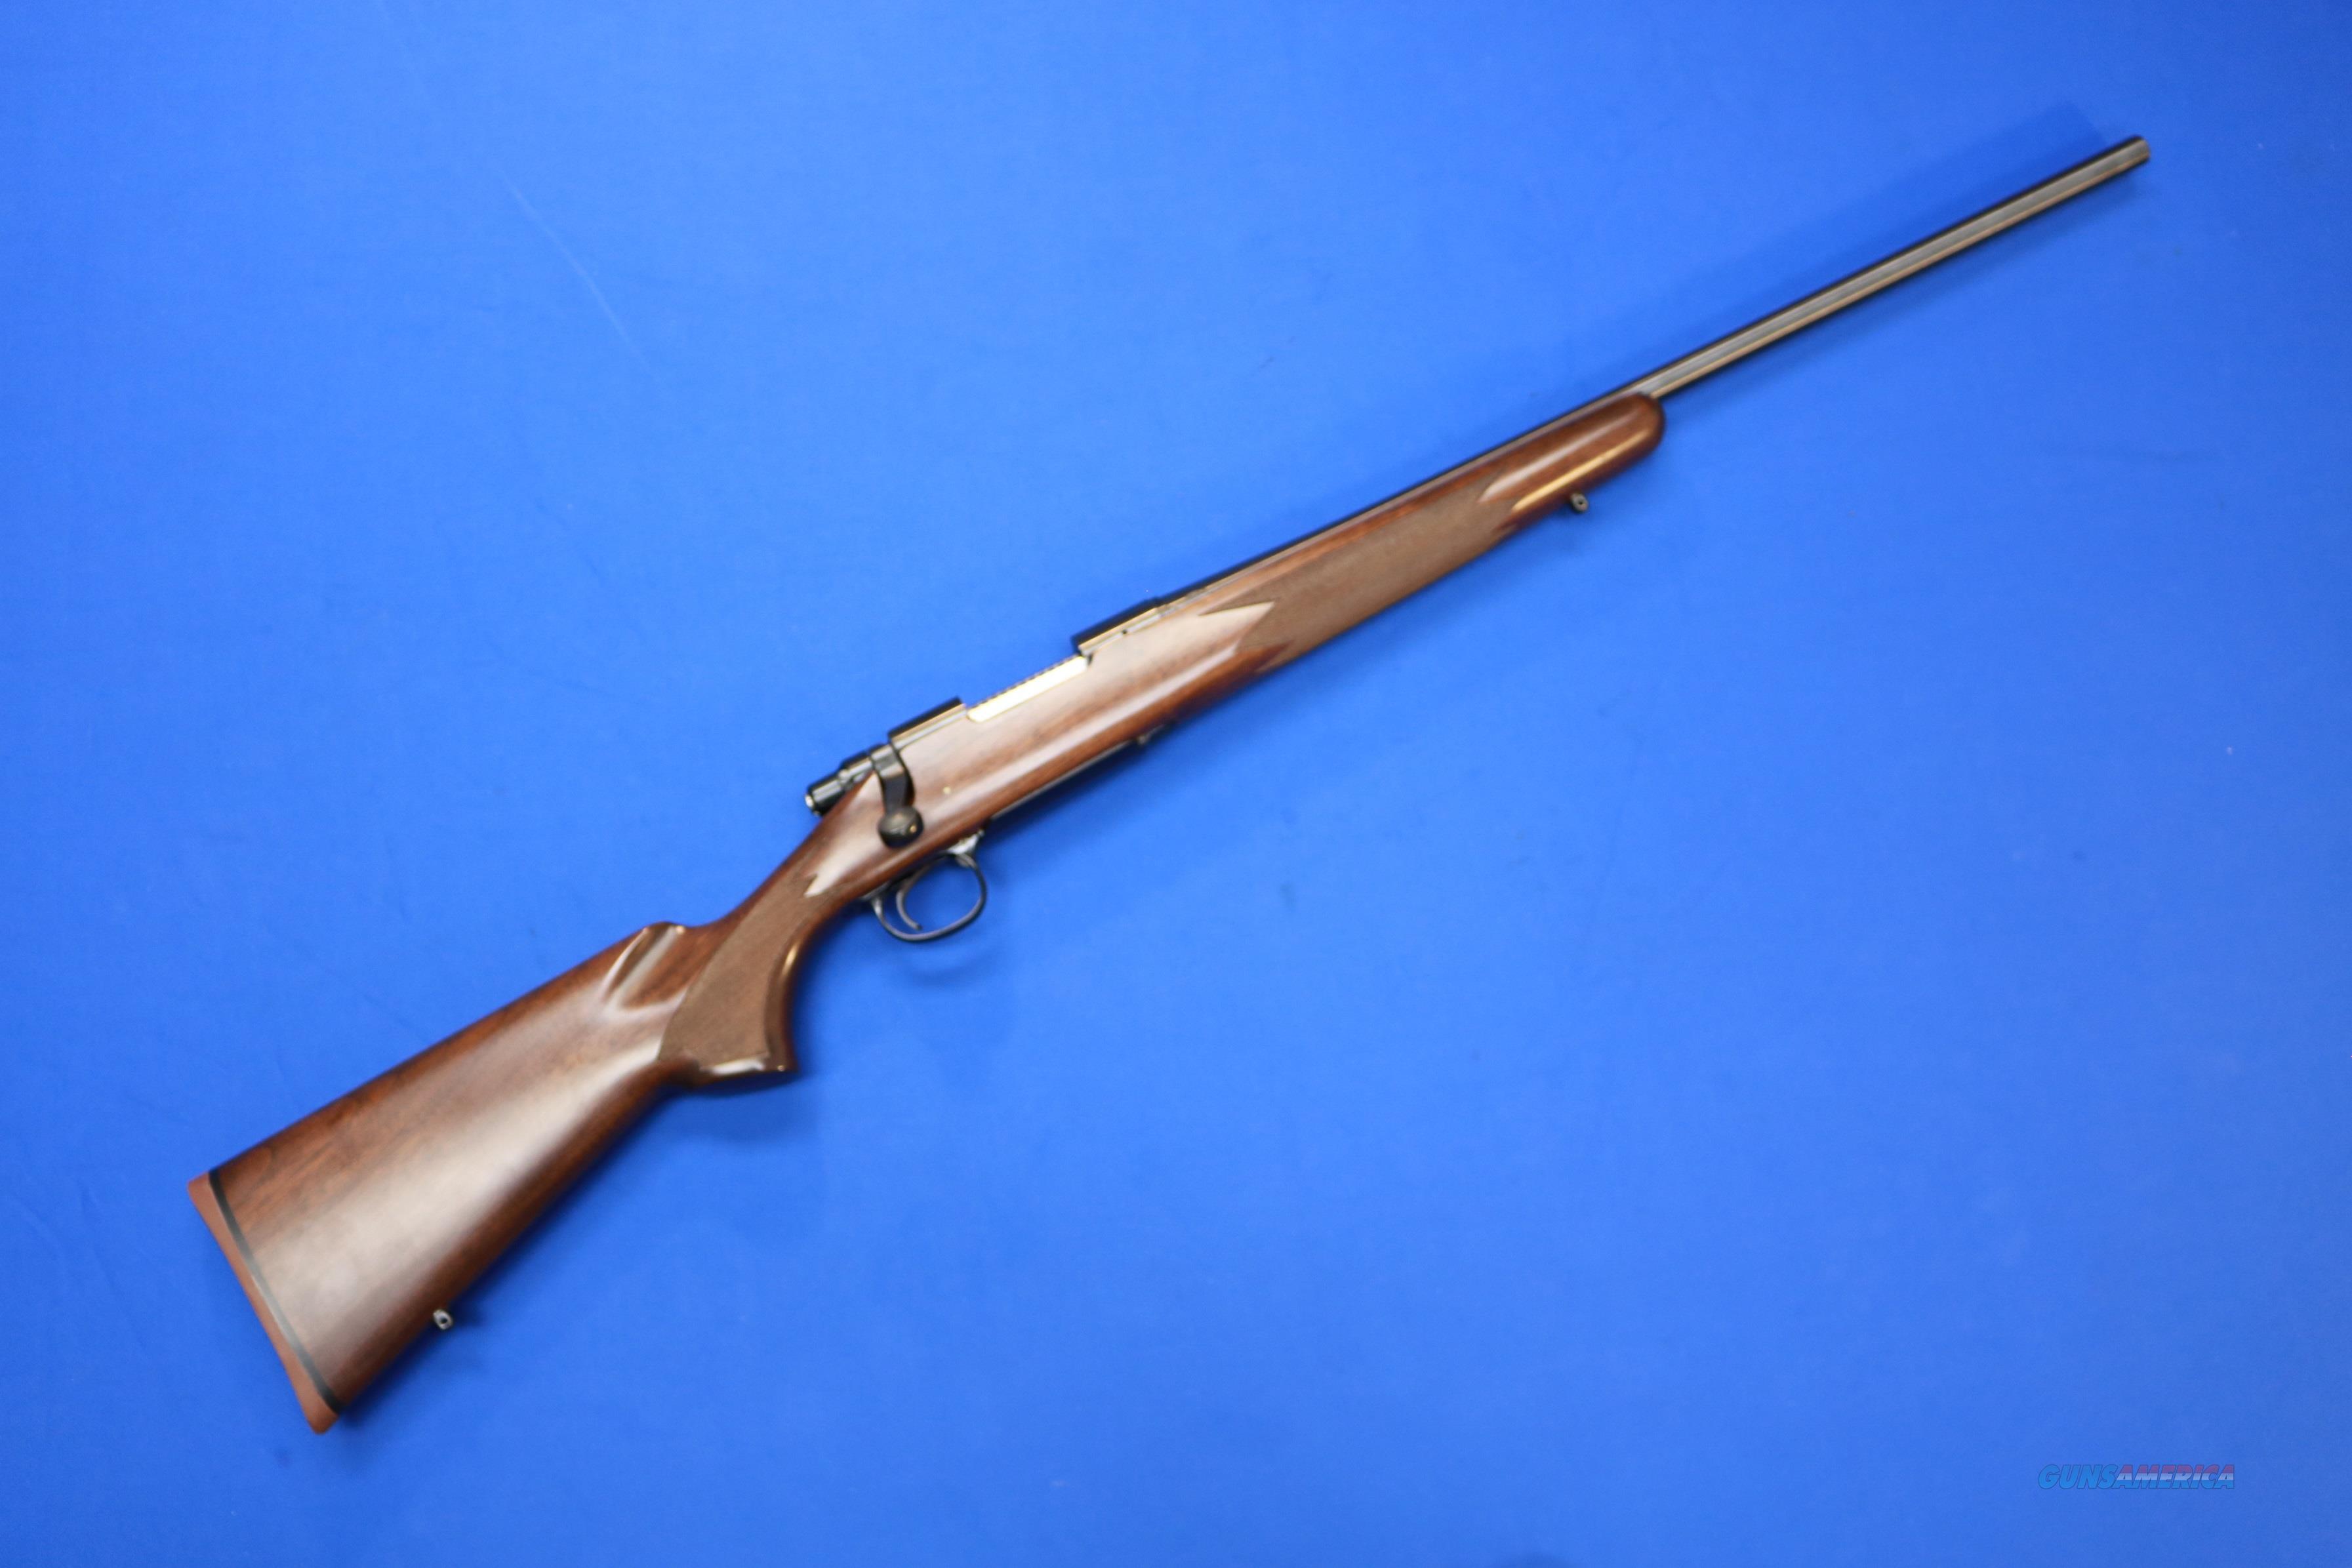 REMINGTON 700 CLASSIC .223 REM w/FACTORY BOX   Guns > Rifles > Remington Rifles - Modern > Model 700 > Sporting